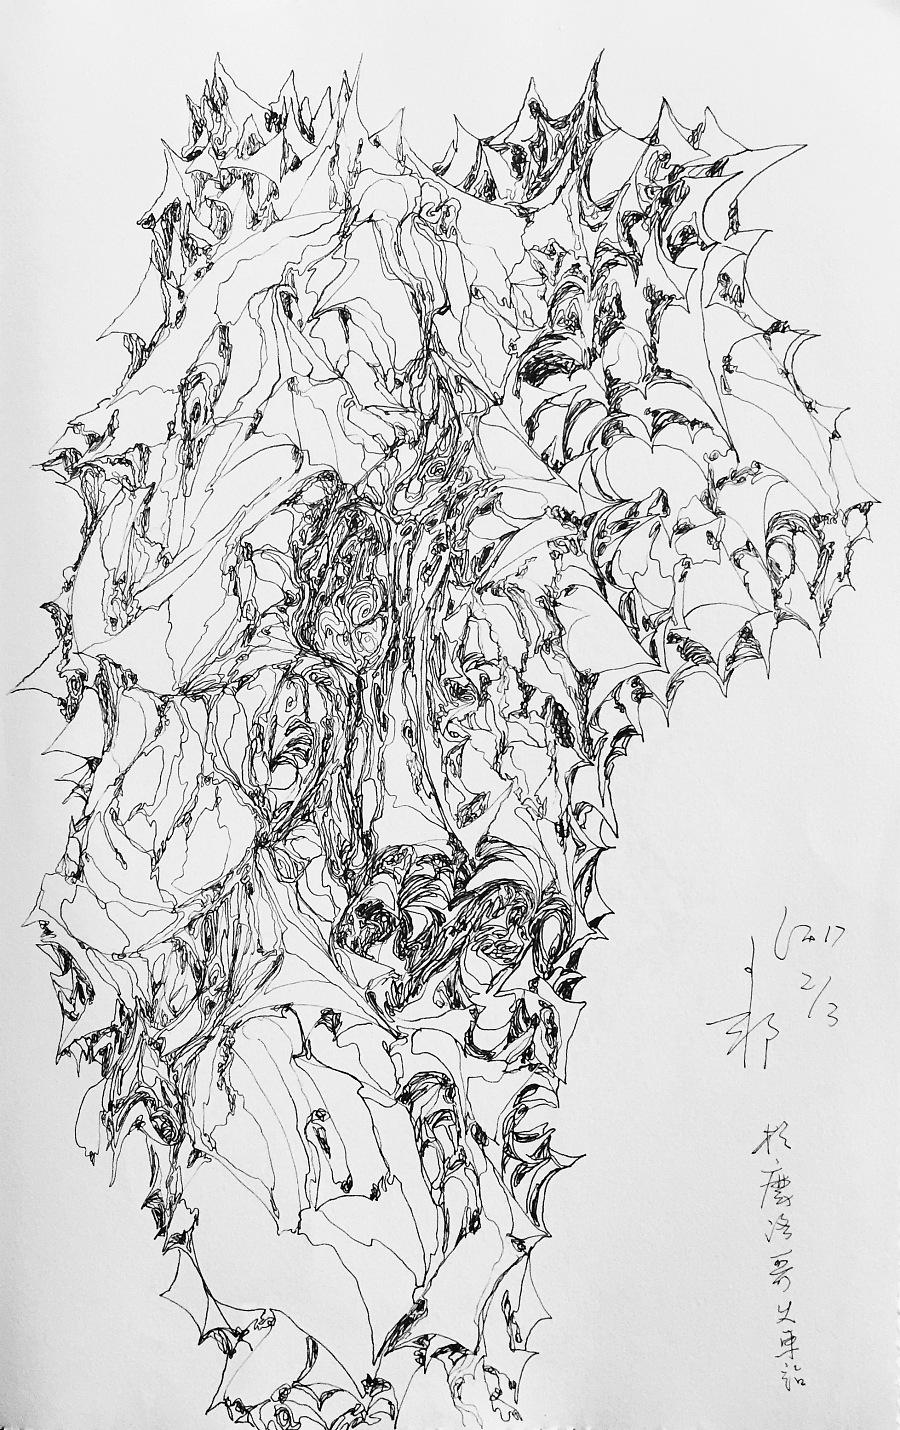 查看《线体日记(2017)》原图,原图尺寸:1957x3110